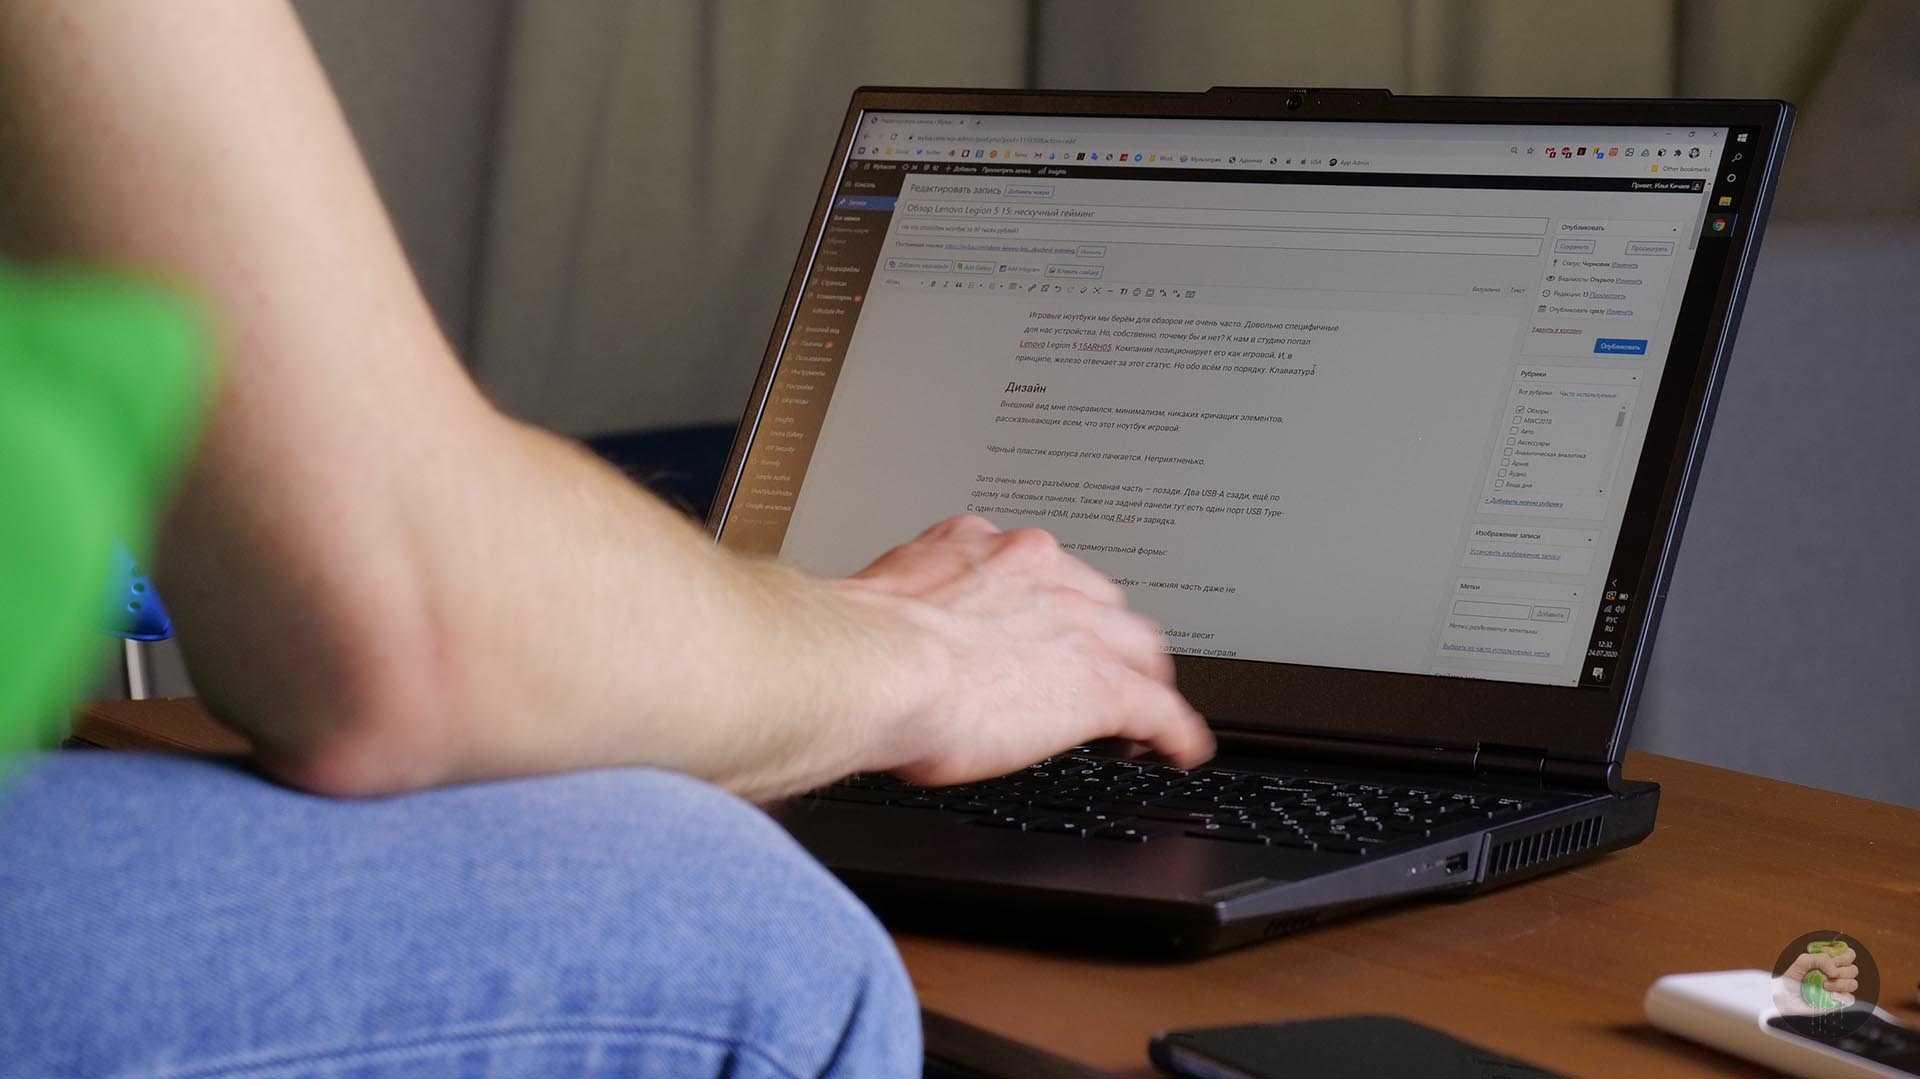 Обзор ноутбука lenovo legion y520: кто хочет стать легионером? / ноутбуки и пк